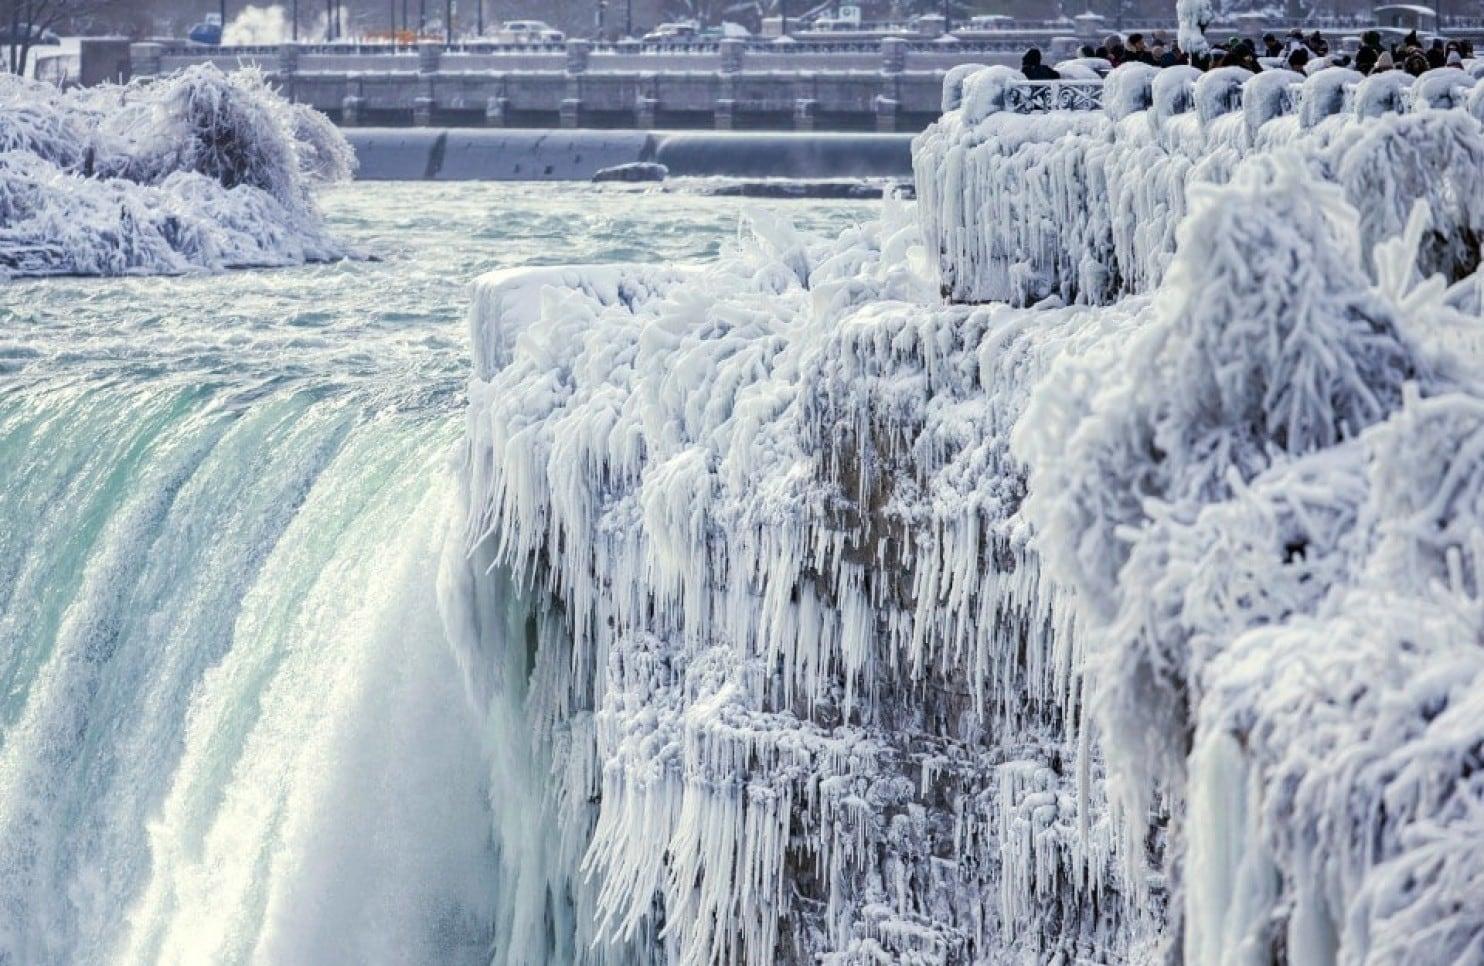 29日位於安大略省的尼加拉瀑布已結成冰柱,岸邊仍有許多旅客拍照留念。(美聯社)